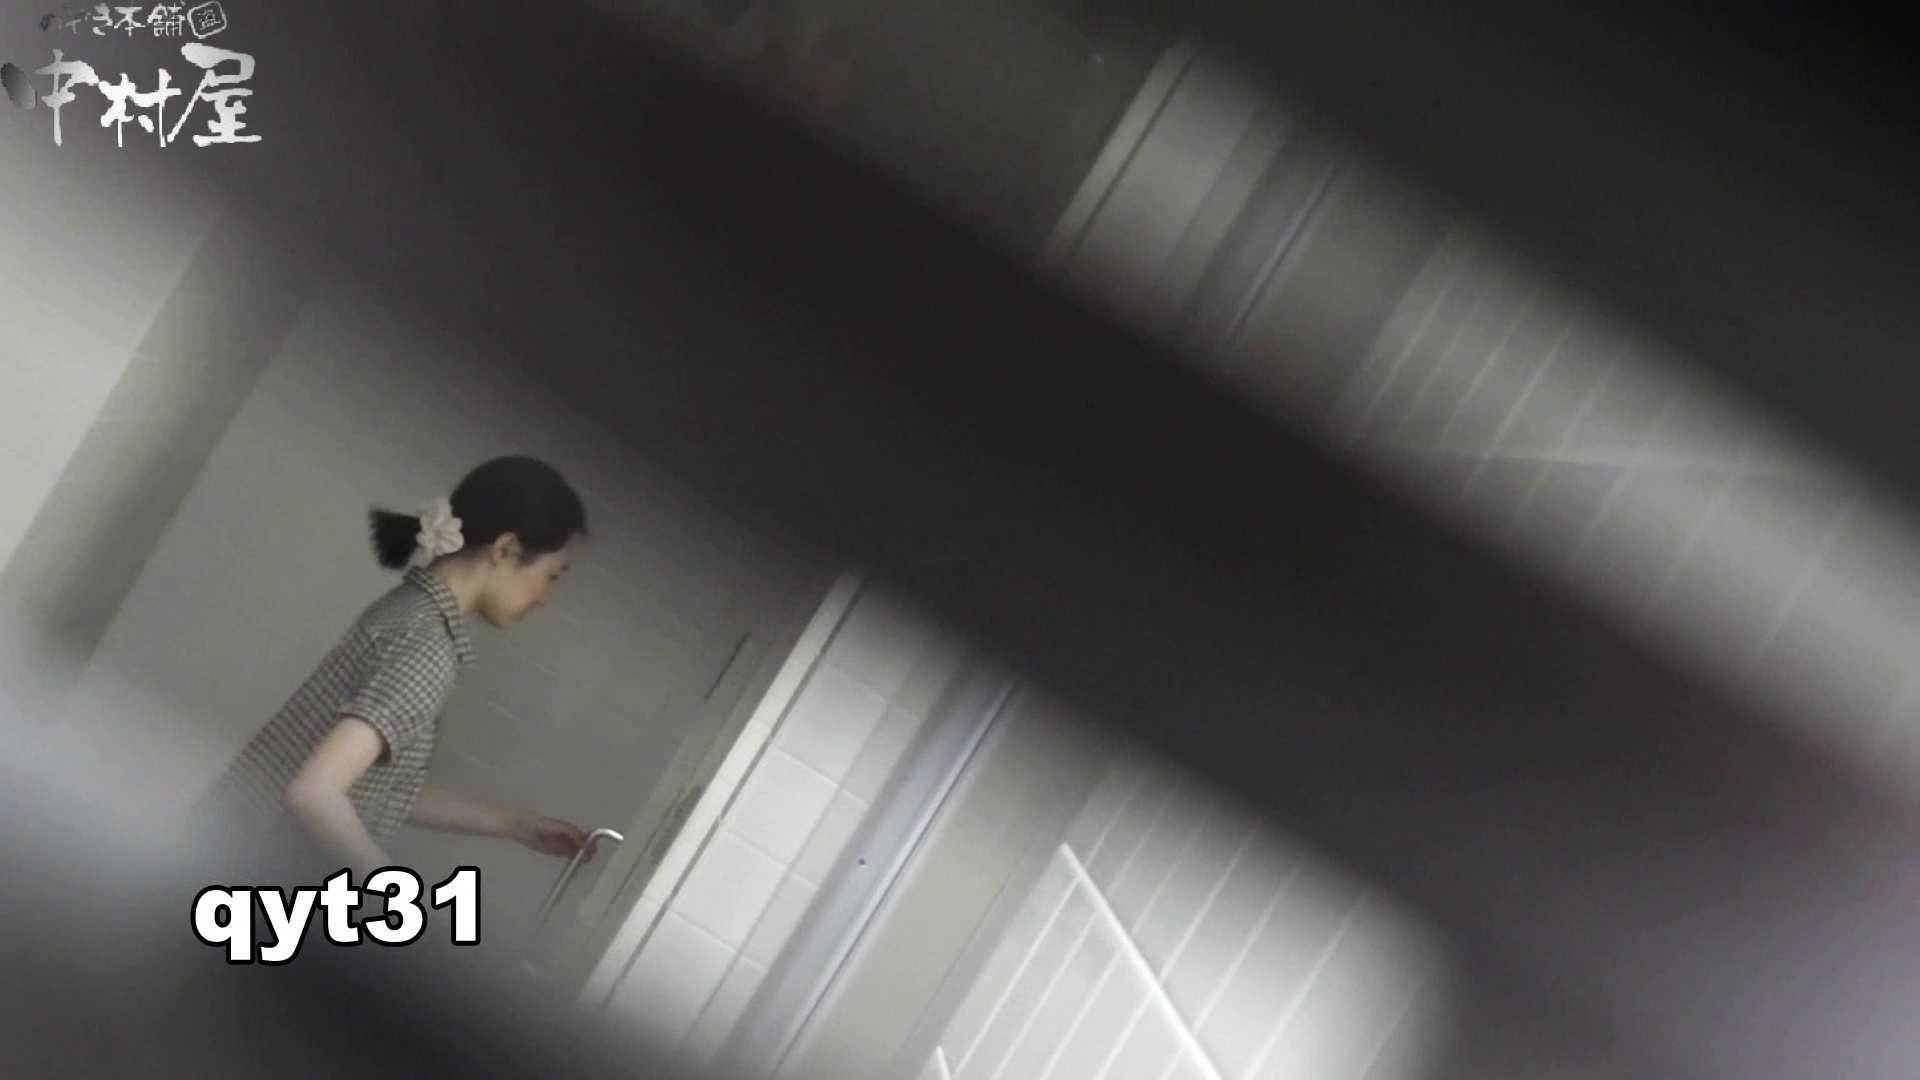 【お銀さんの「洗面所突入レポート!!」】お銀さんの「洗面所突入レポート!!」 vol.31 Σ(||゚Д゚)ヒィ~!! OLセックス | 洗面所  66画像 35